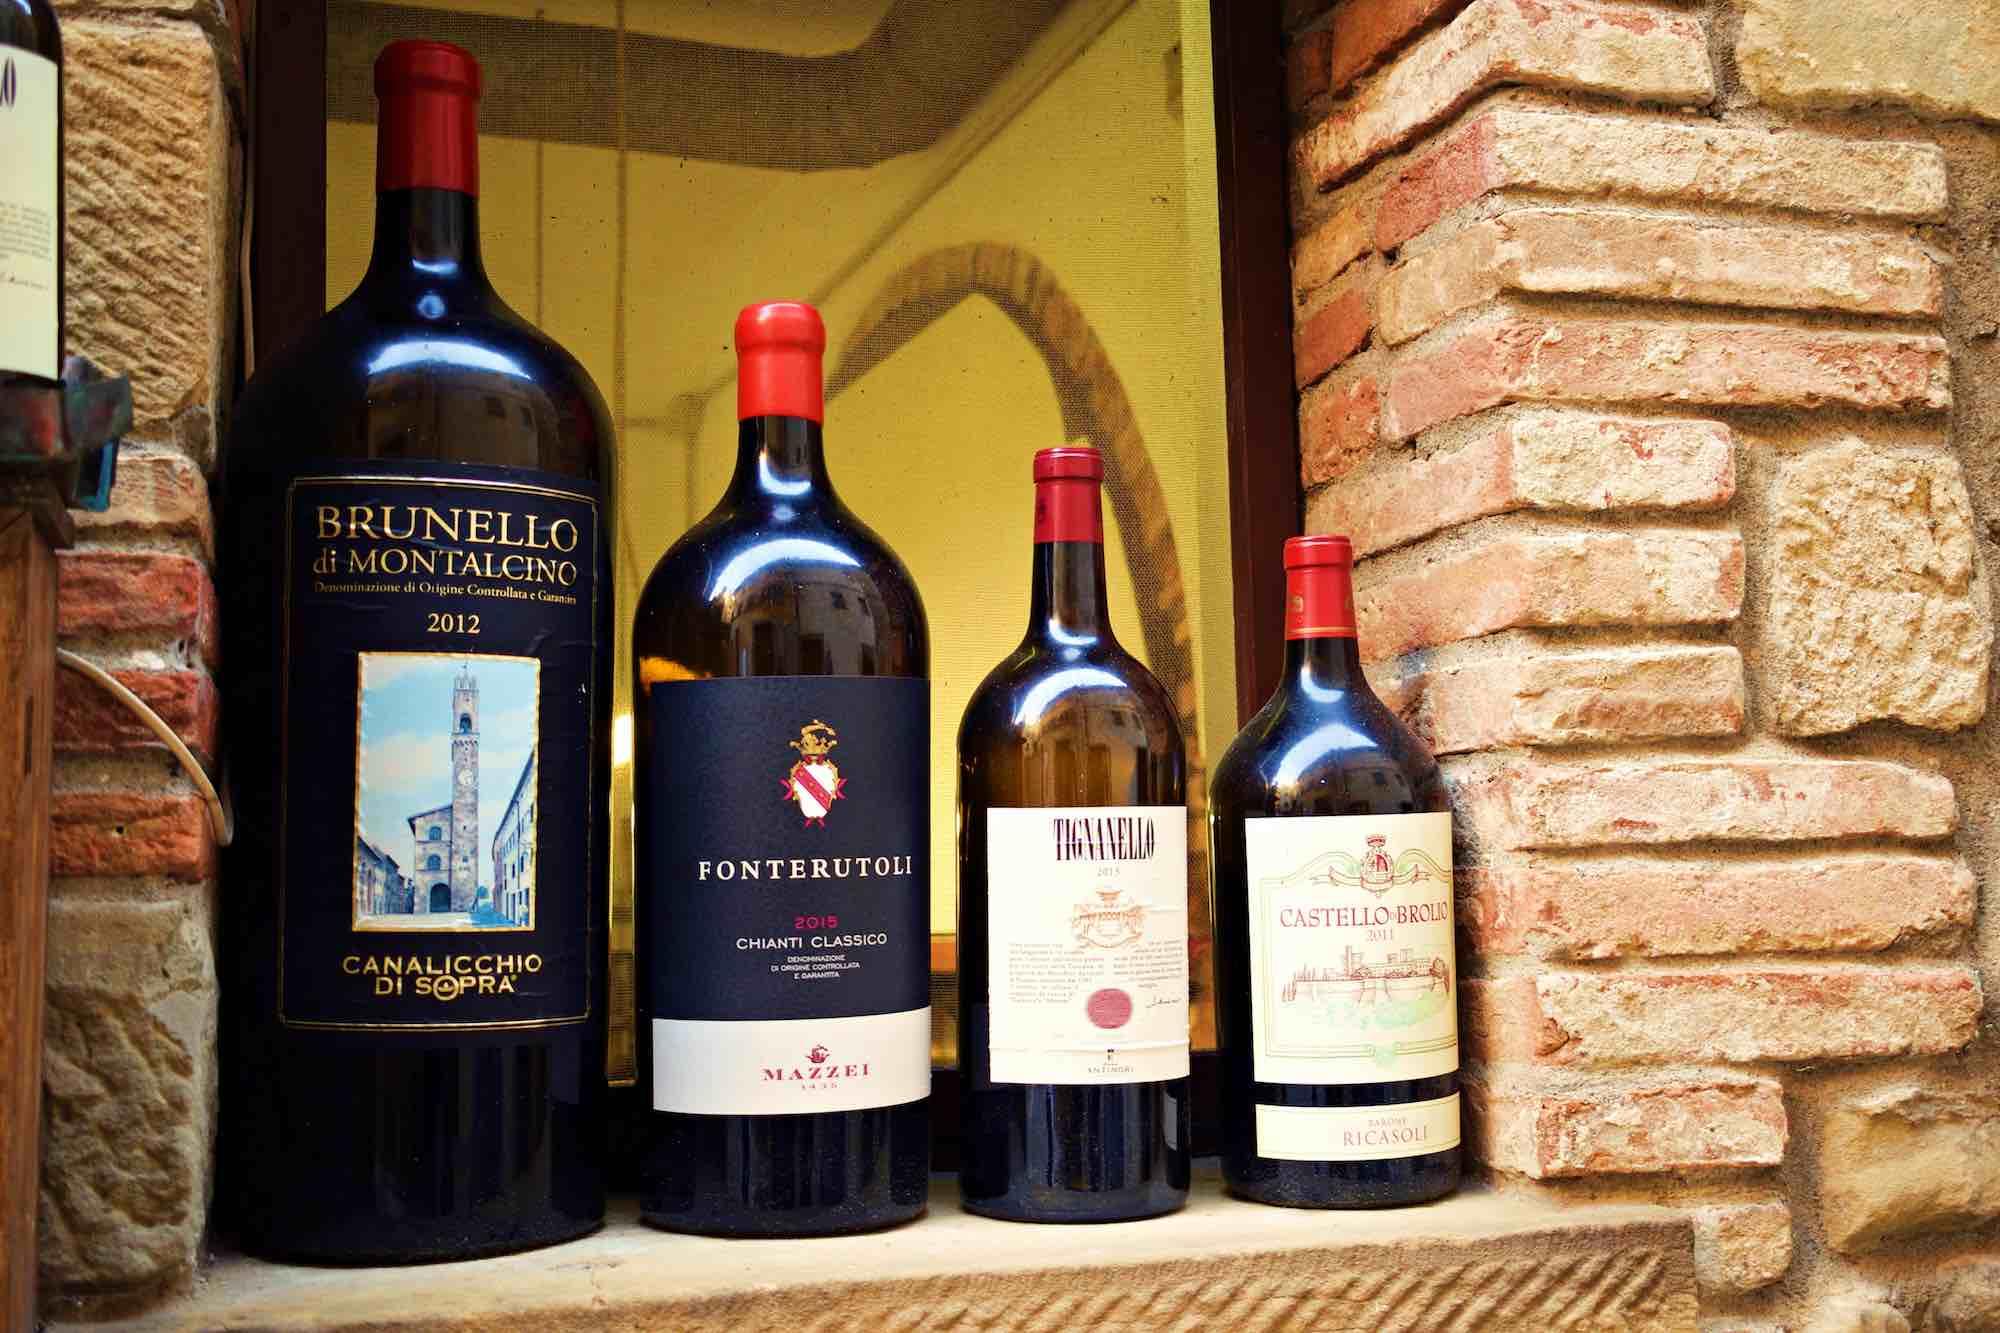 Bottiglie di vini toscani davanti ad un'enoteca a Montalcino